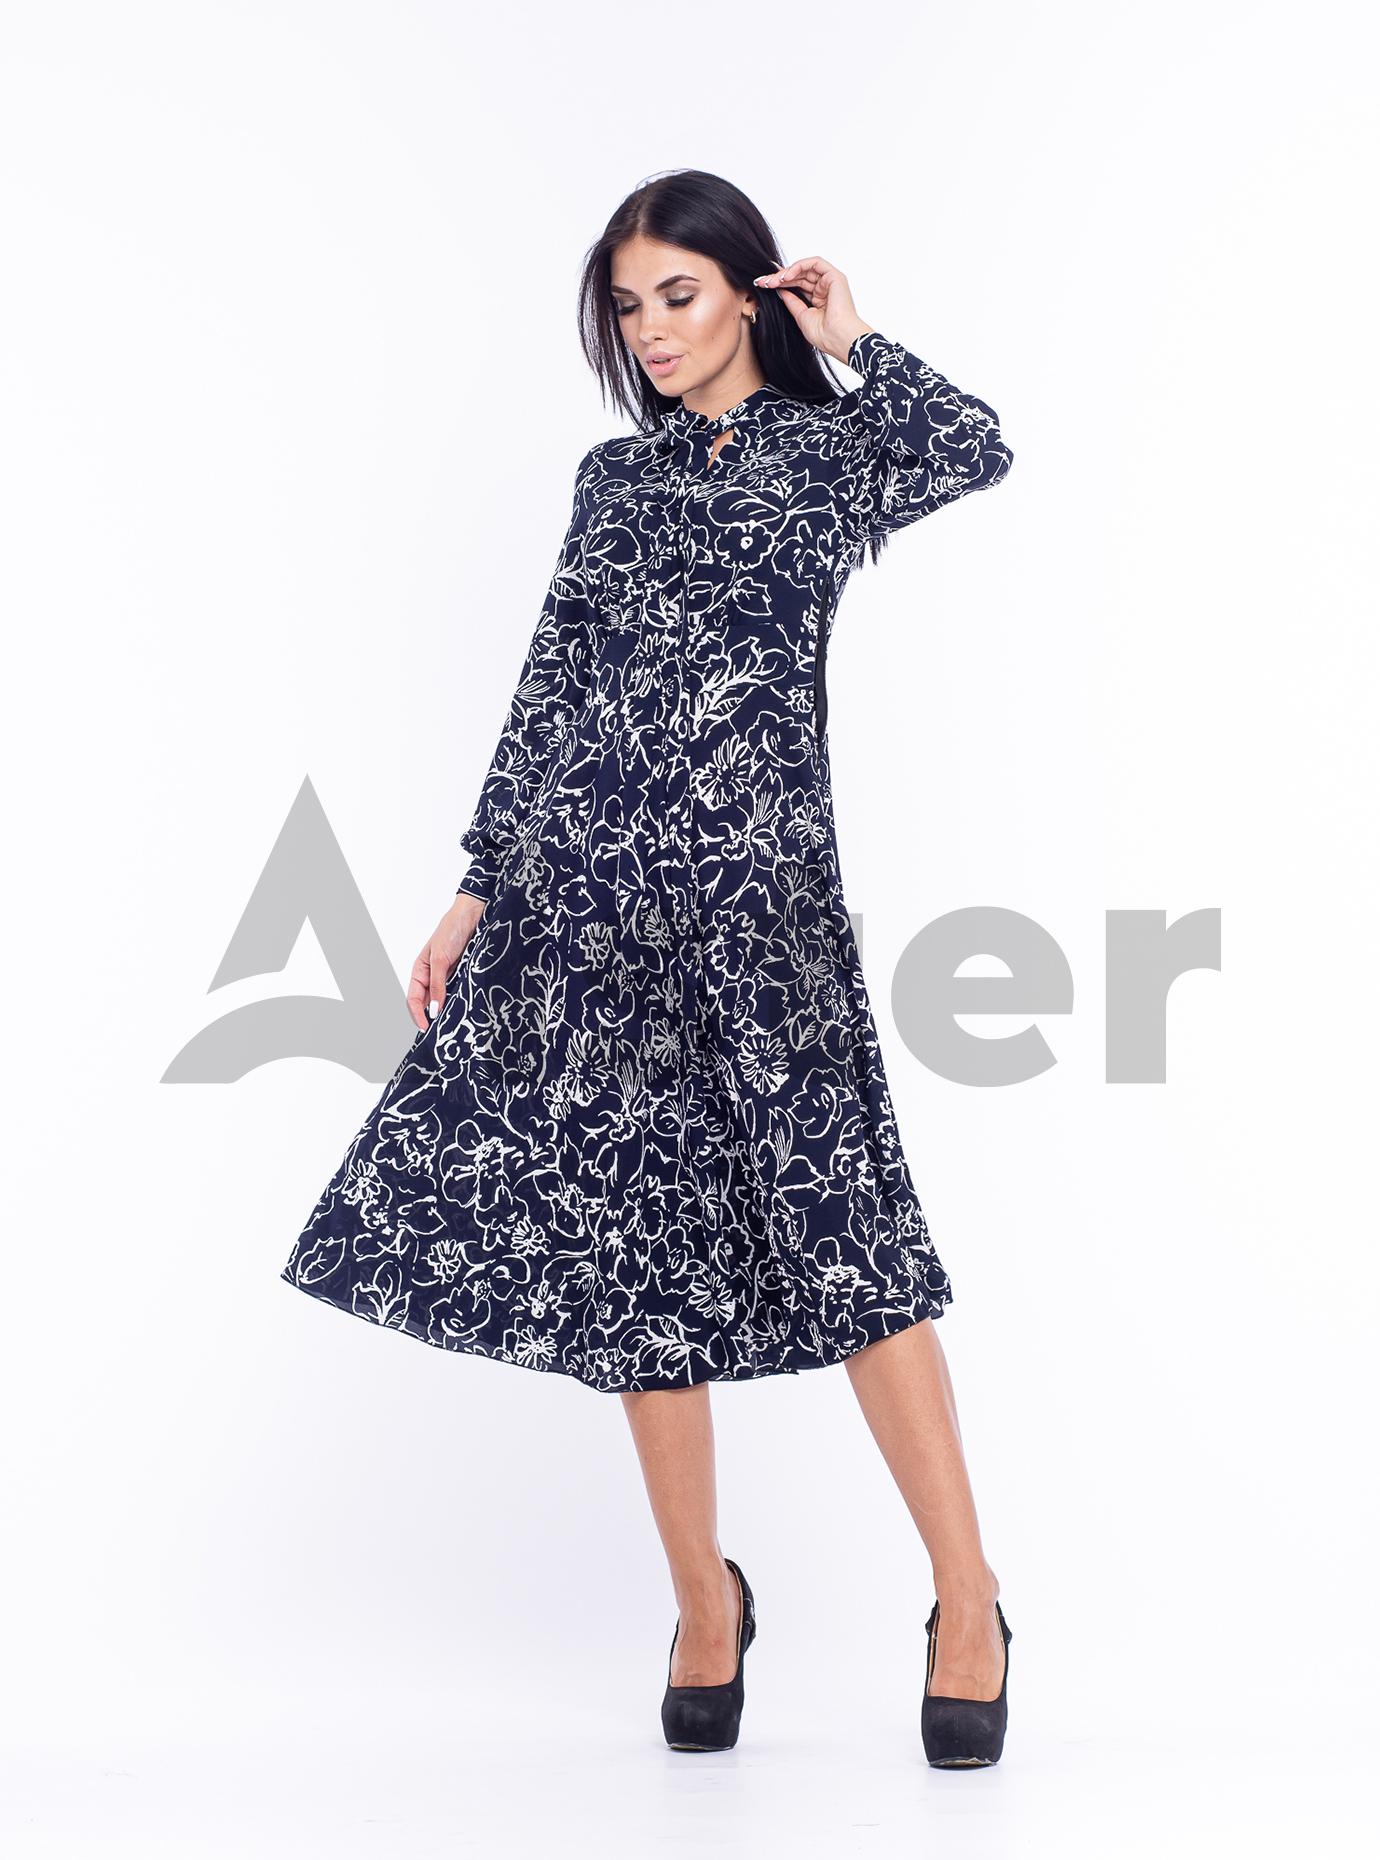 Платье приталенное Тёмно синий 48 (04-8987983): фото - Alster.ua